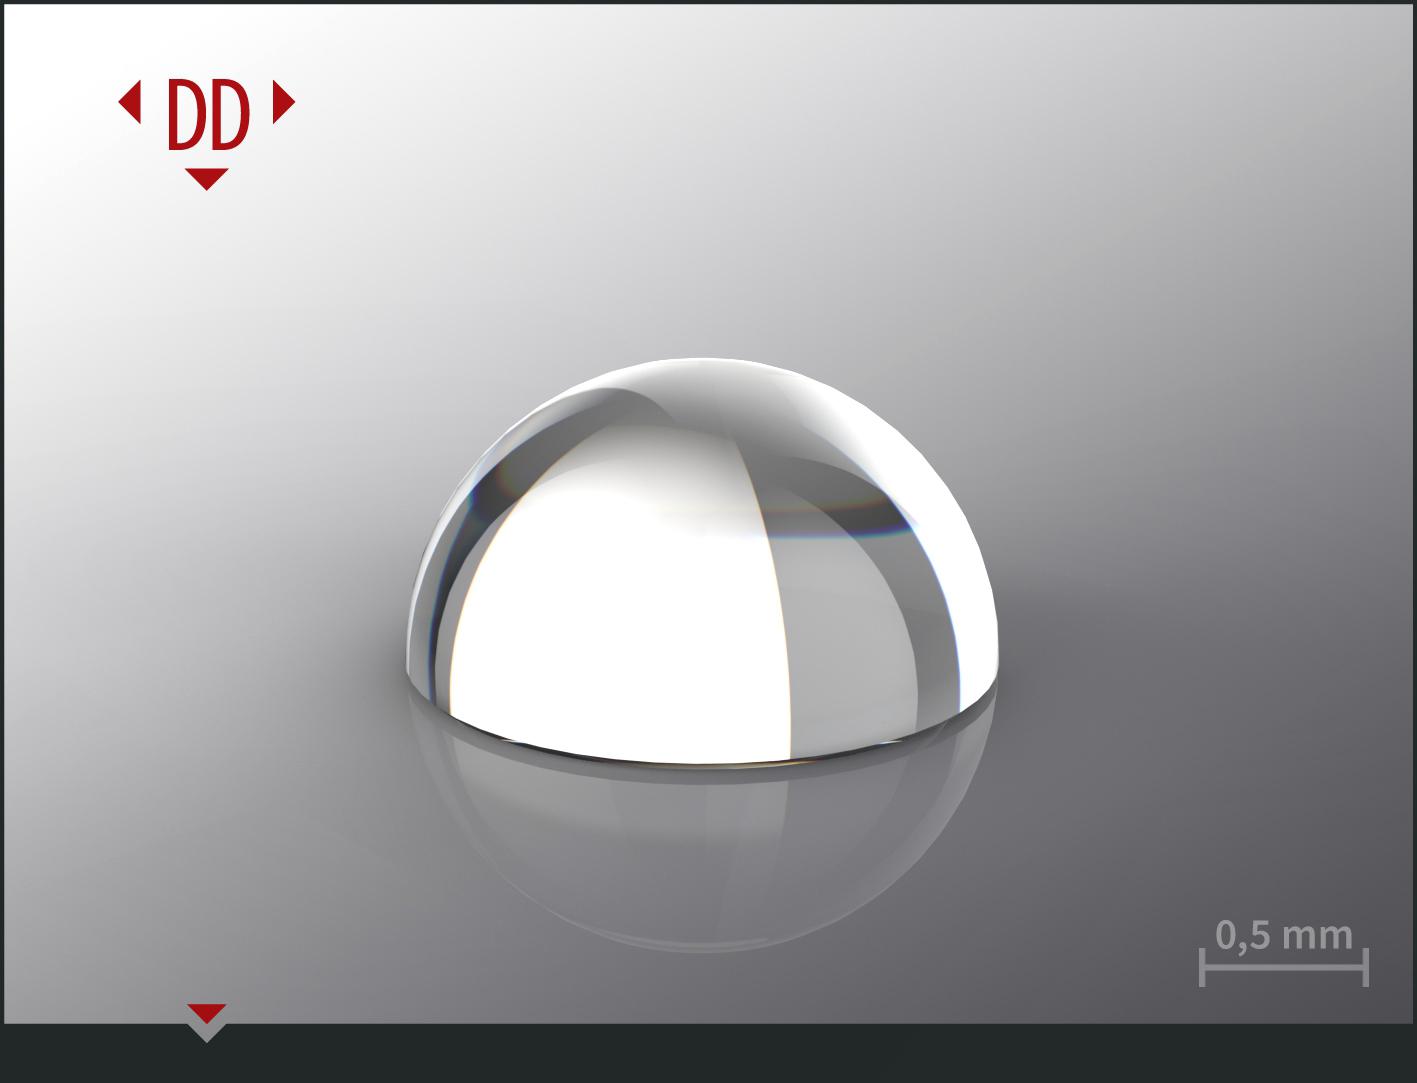 Halve sphere